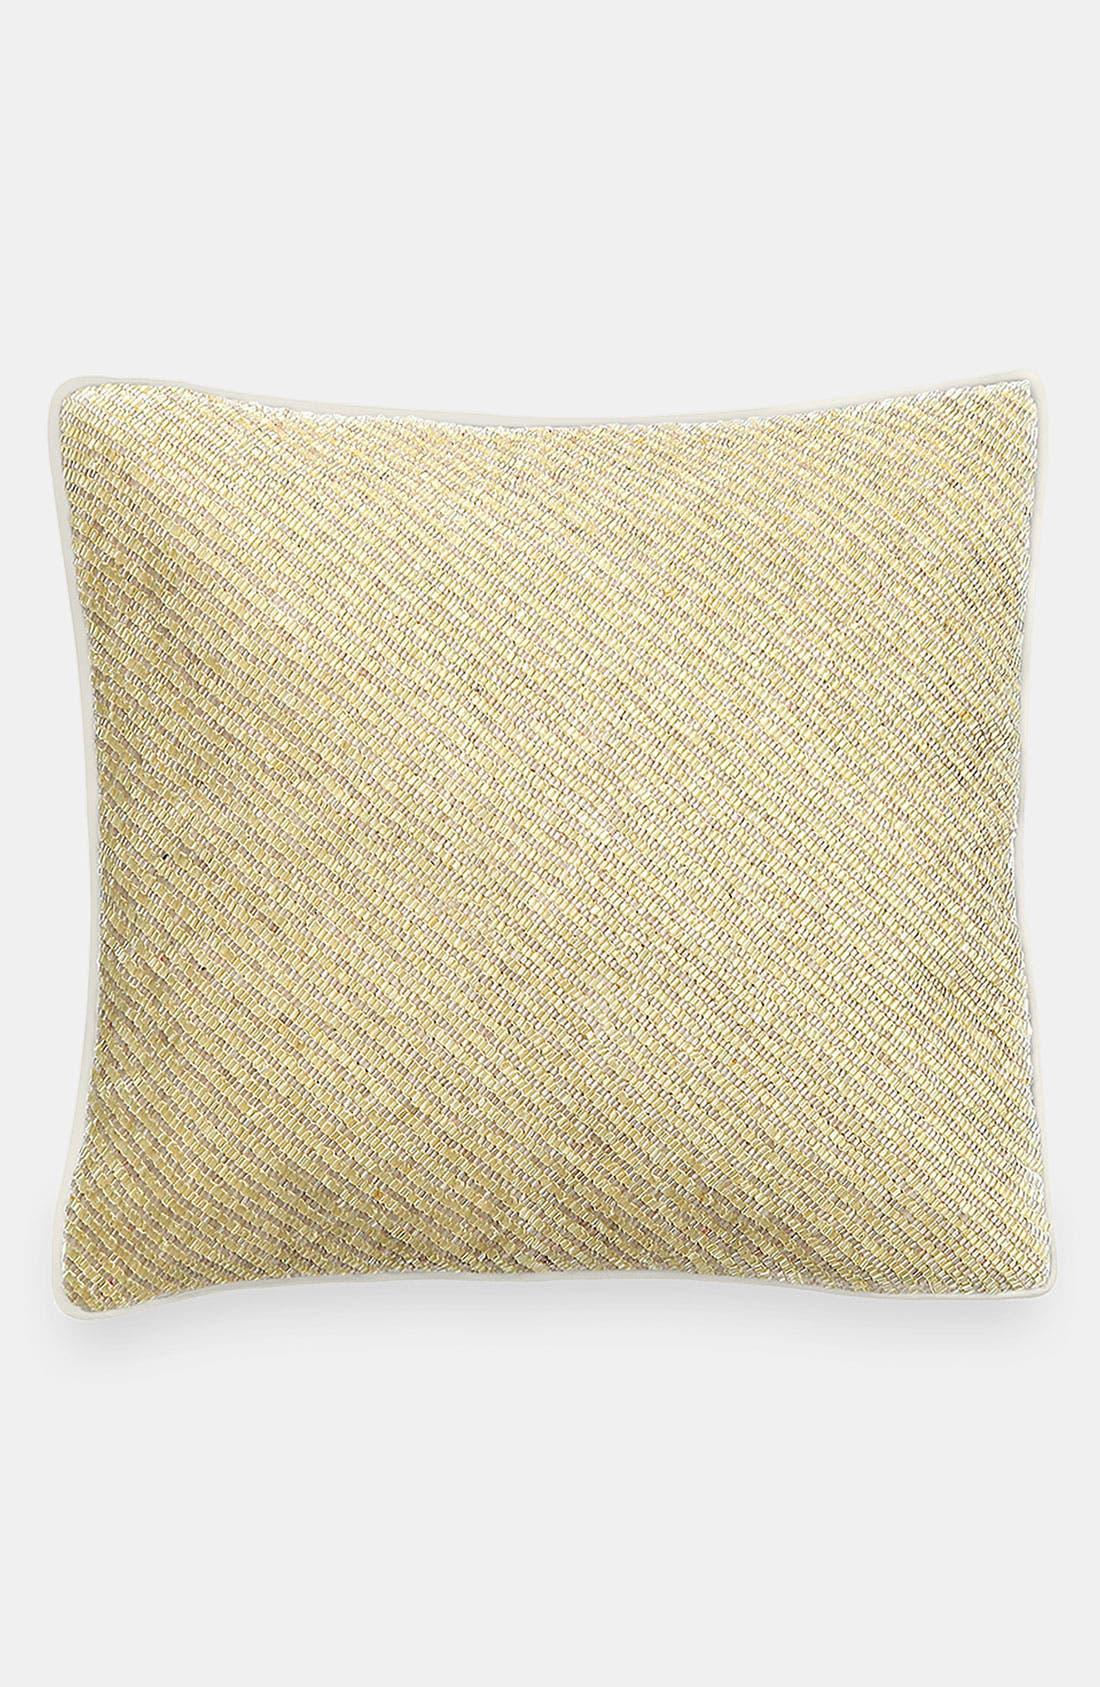 Main Image - kate spade new york 'bugle beads' decorative pillow